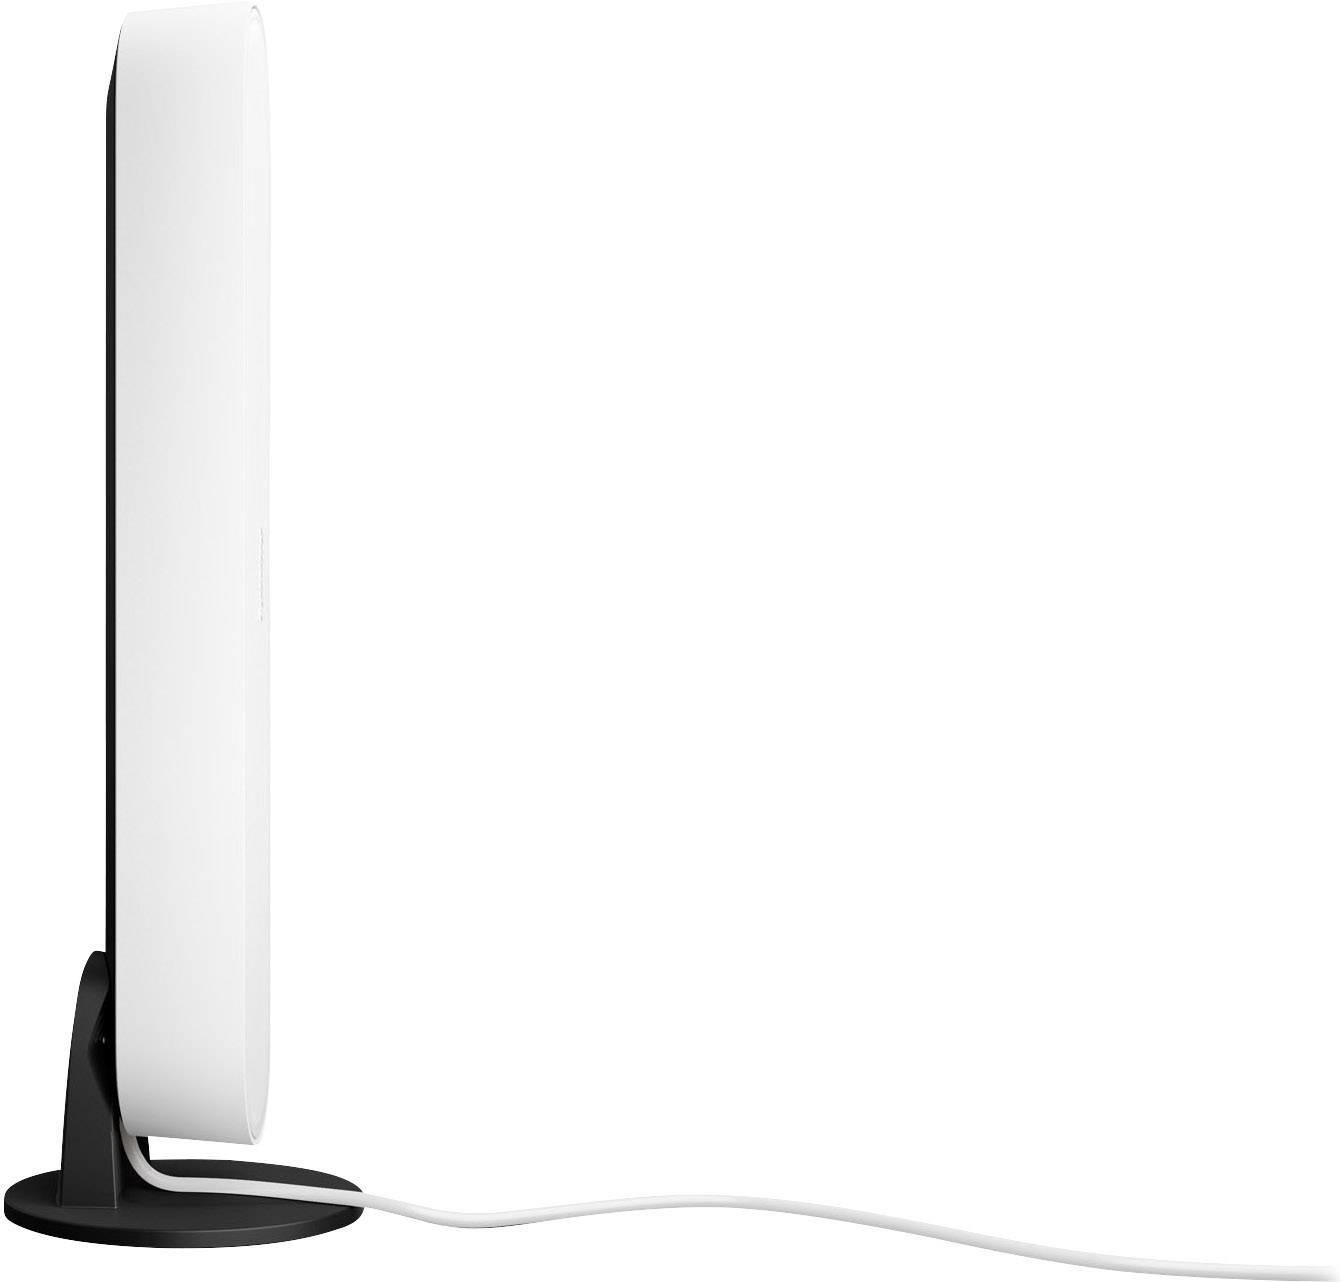 izdelek-philips-lighting-hue-led-lightbar-svetilka-osnovni-komplet-3